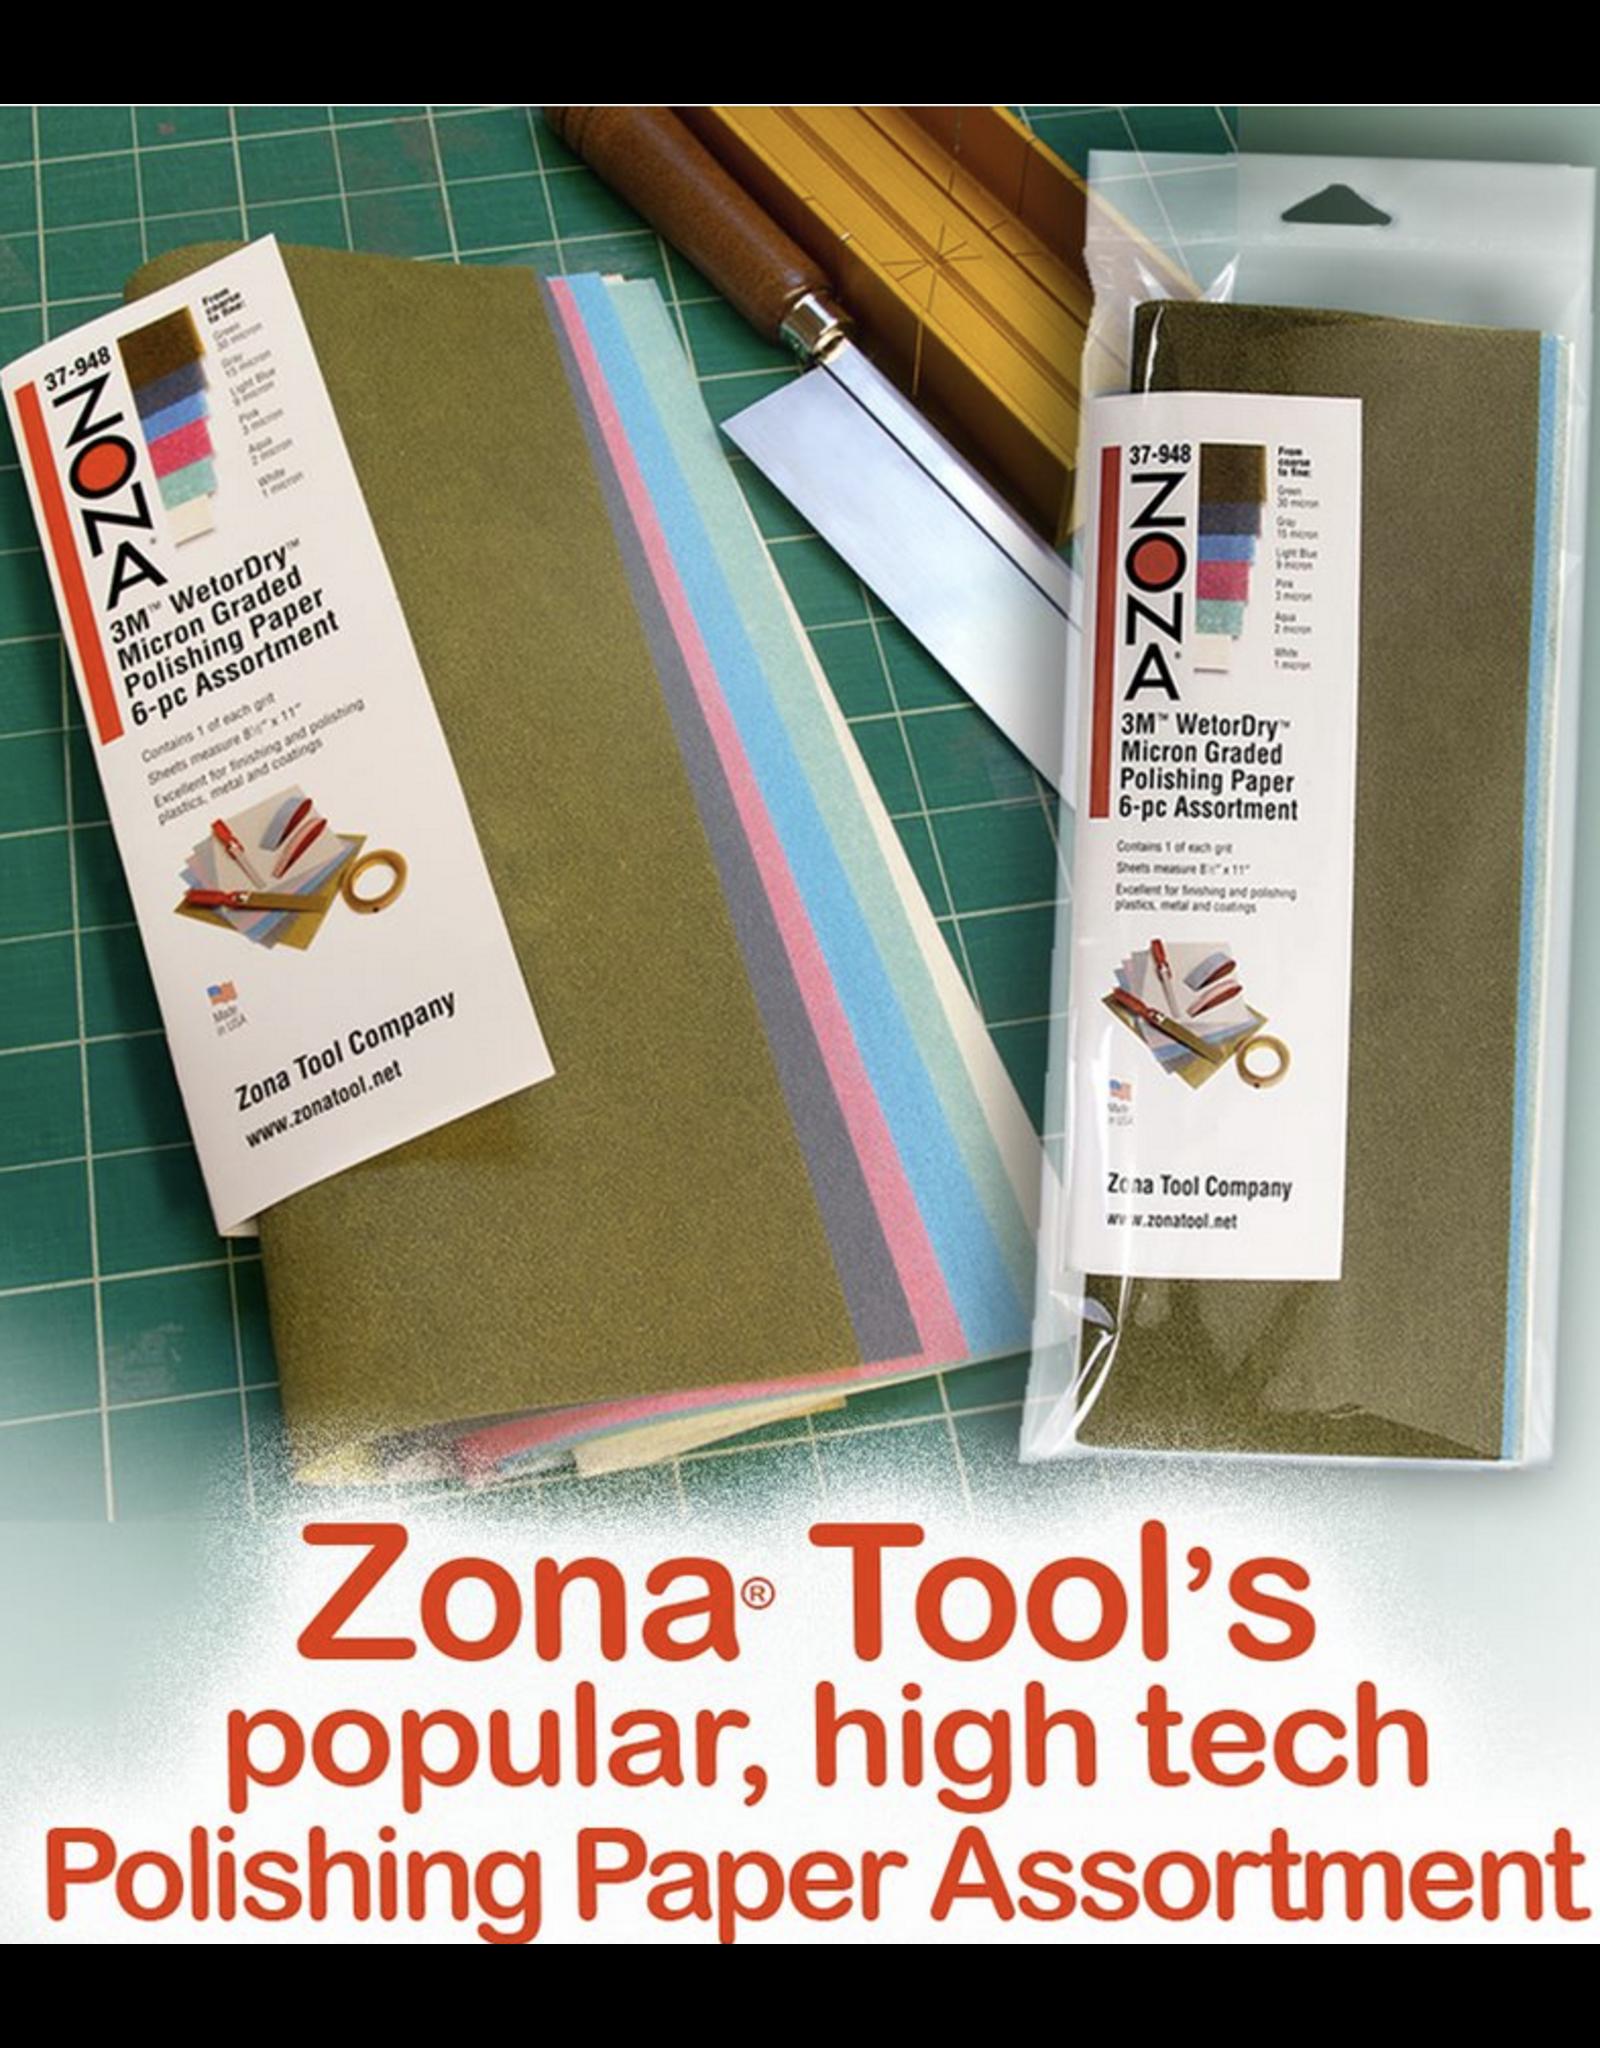 Zona Tool Company 3MÔÄÓ WETORDRYÔÄÓ POLISHING PAPER ASSORTED 6PC